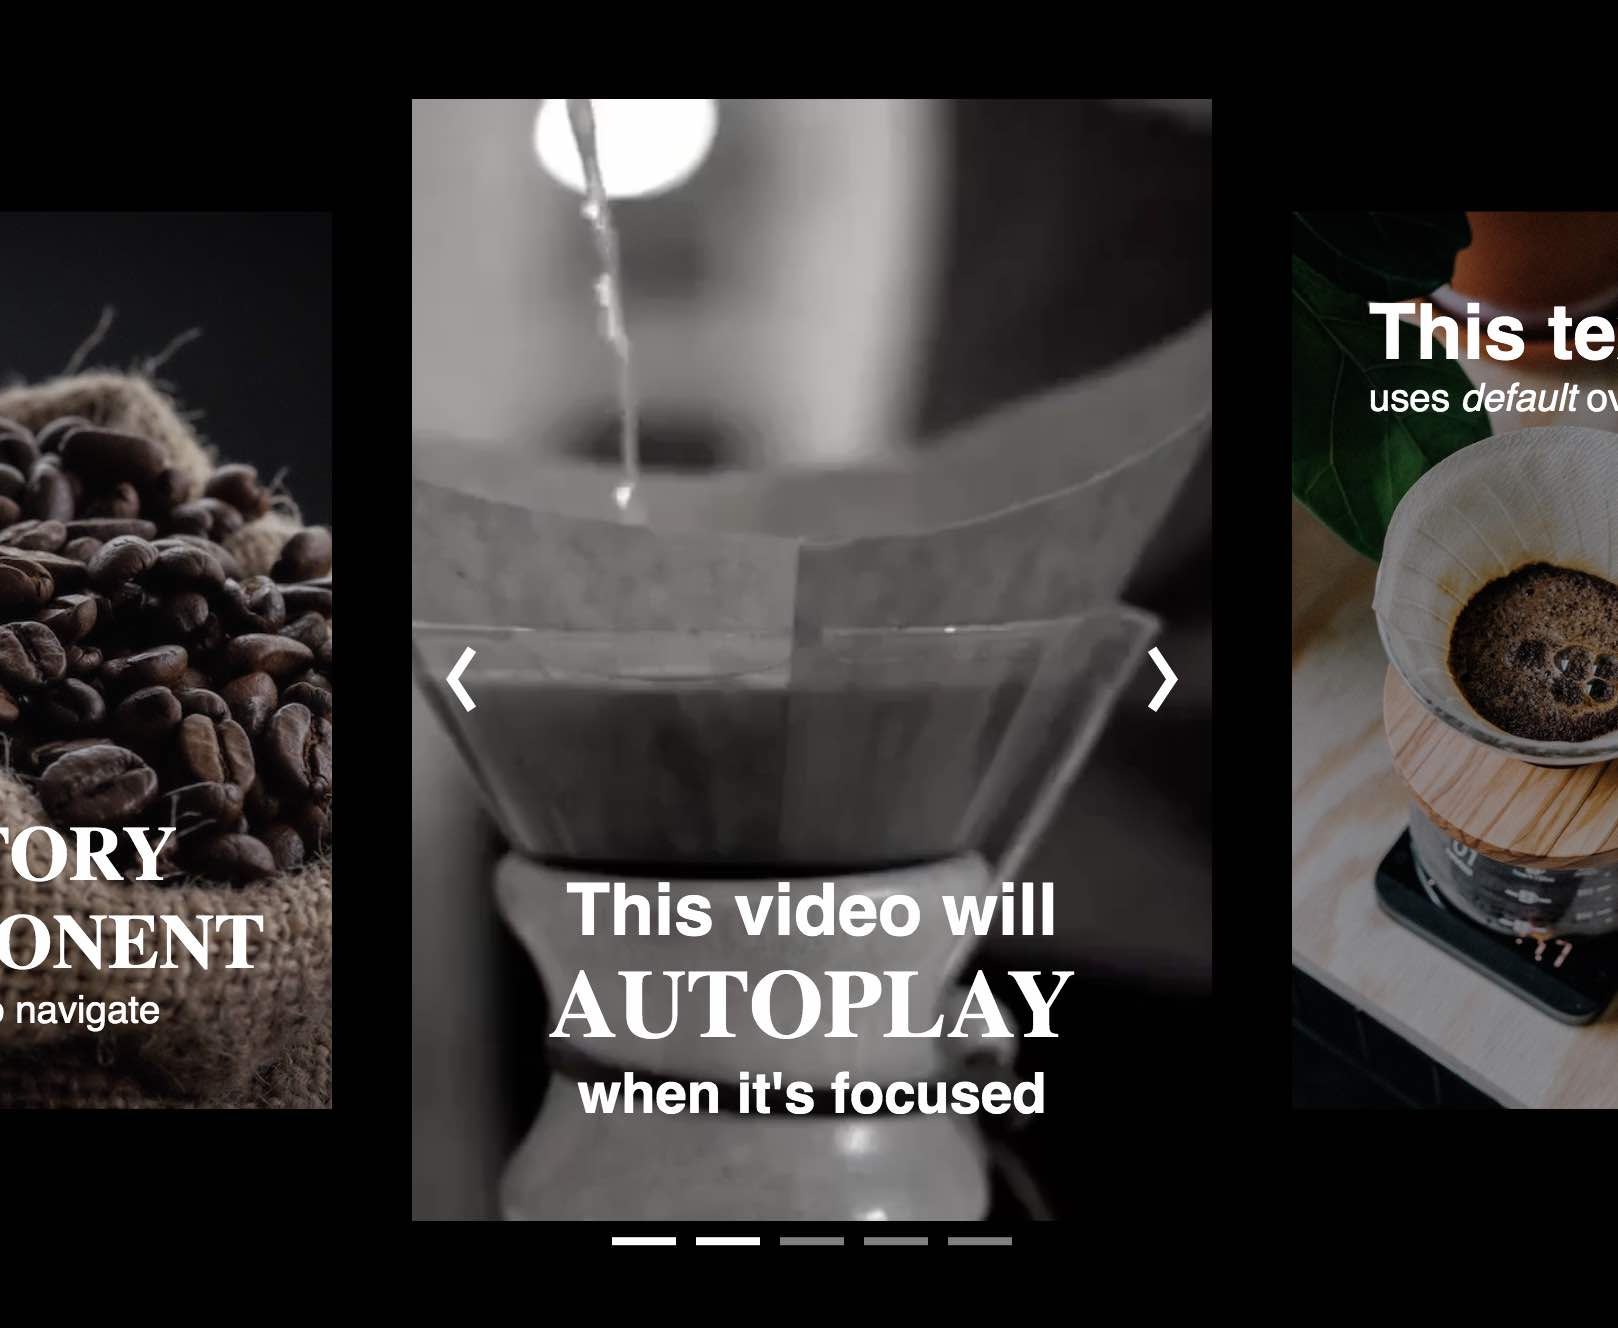 Un componente para visualizar historias que muestra tres imágenes de café